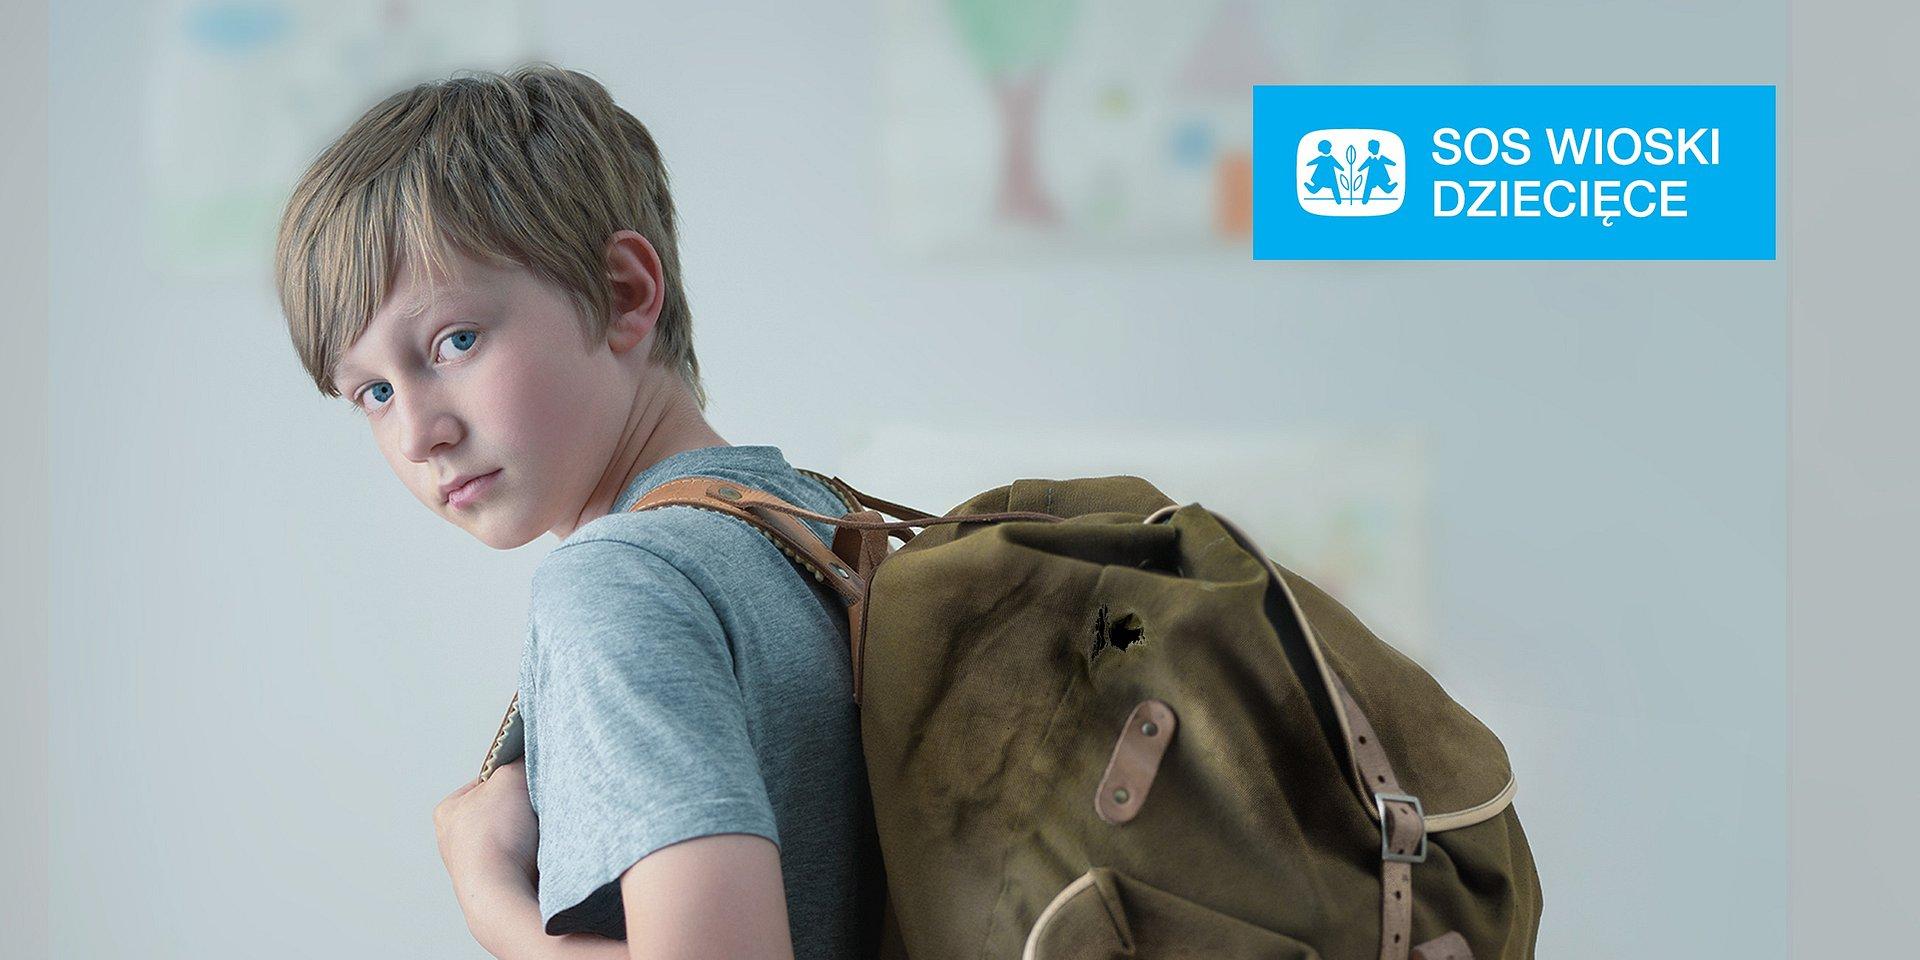 """""""Problemy dorosłych obciążają codzienność dzieci"""", także w szkole – nowa odsłona kampanii Stowarzyszenia SOS Wioski Dziecięce"""